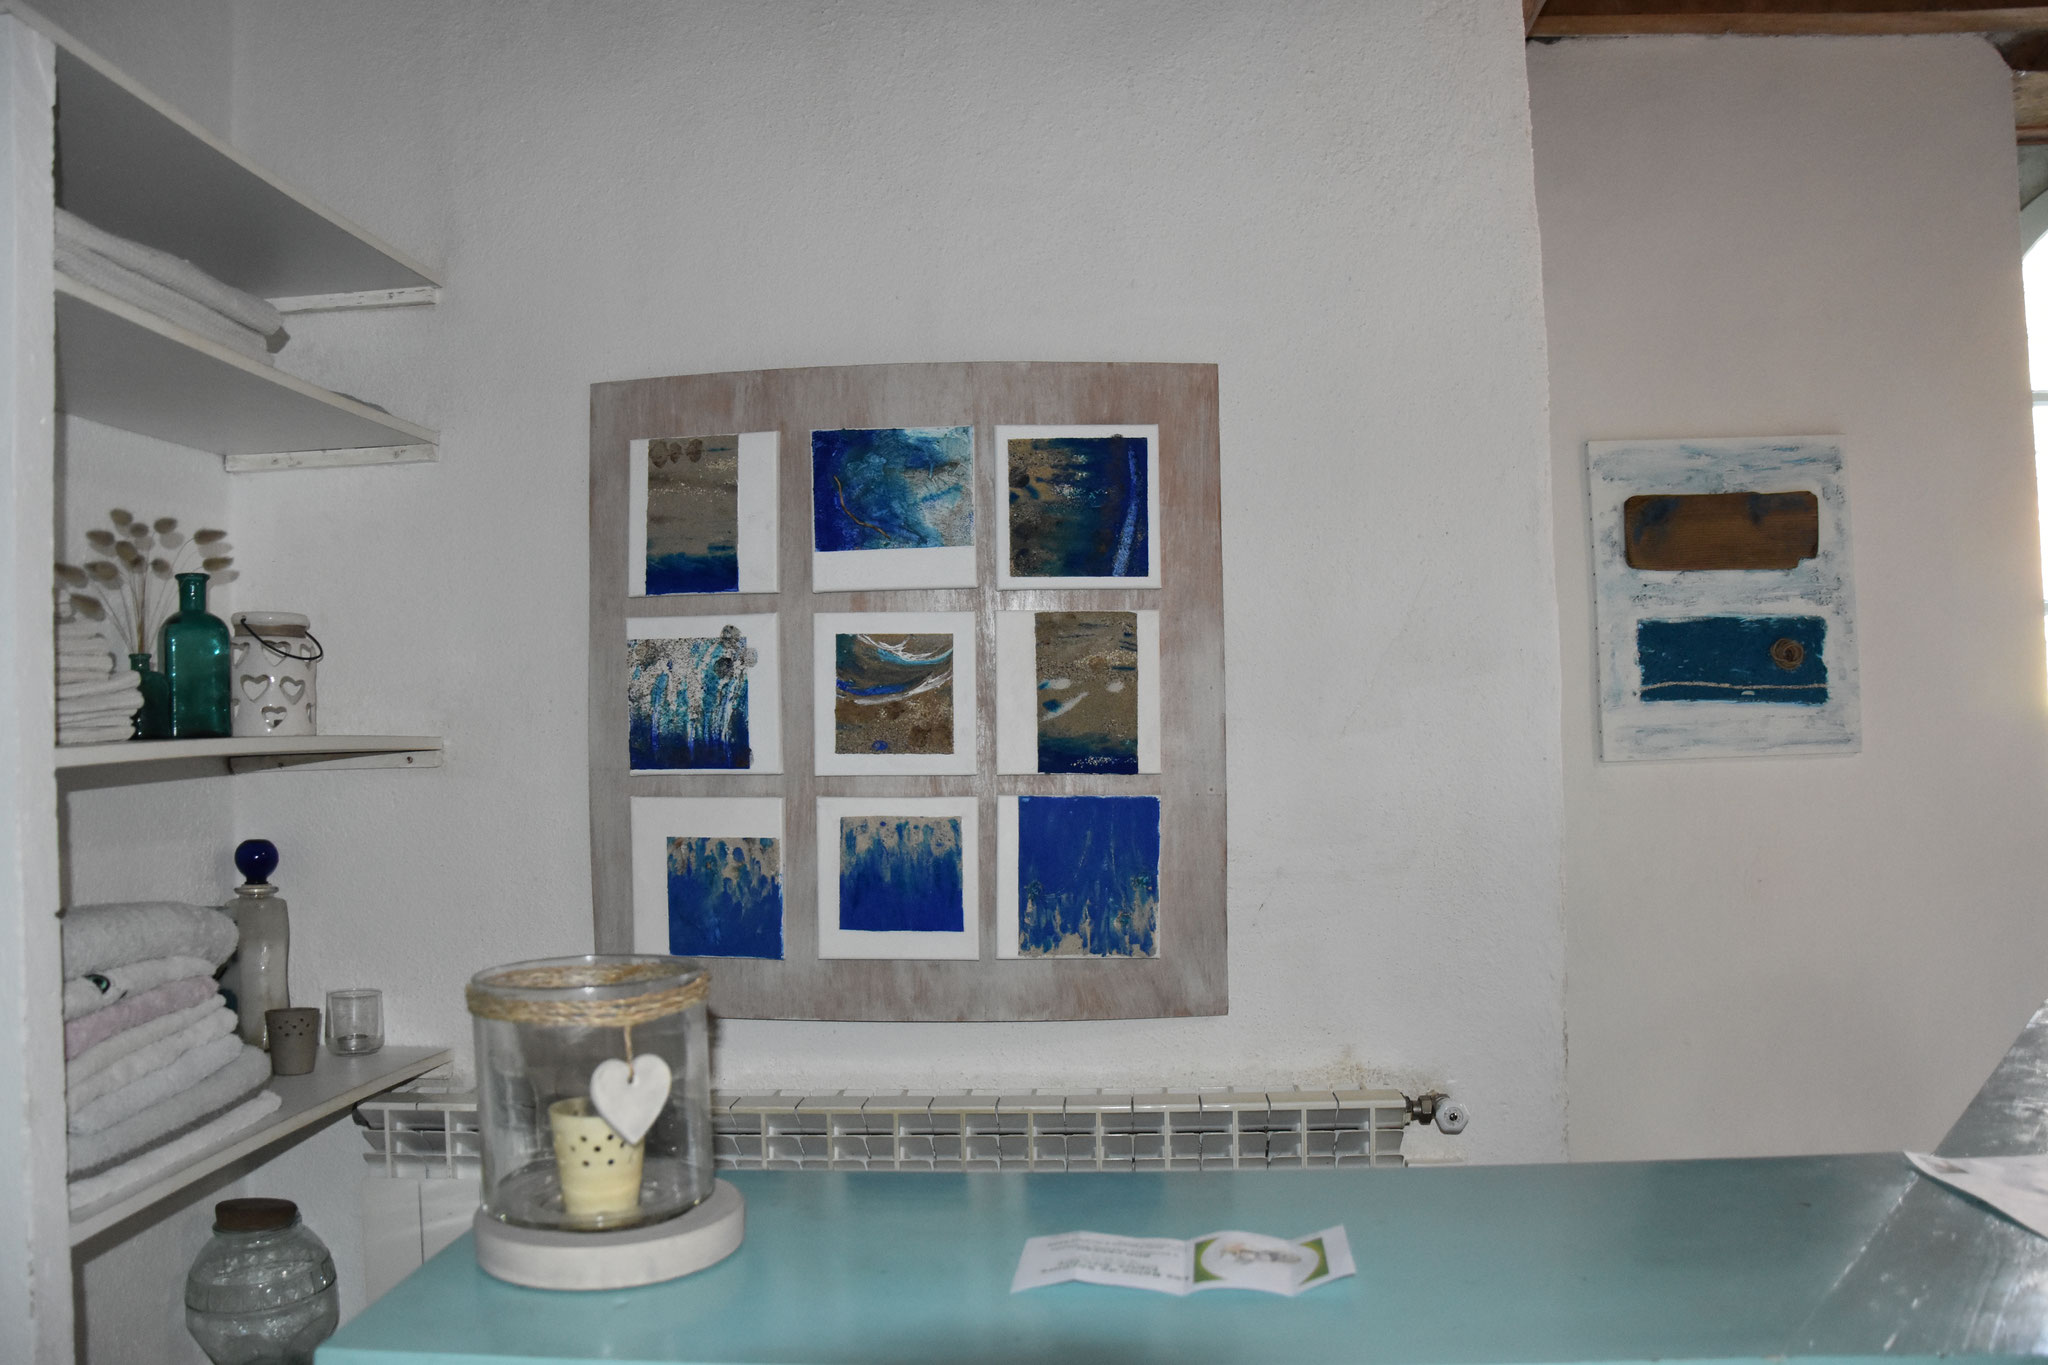 création Marie Donnot, atelier idéEphémère, Bielle